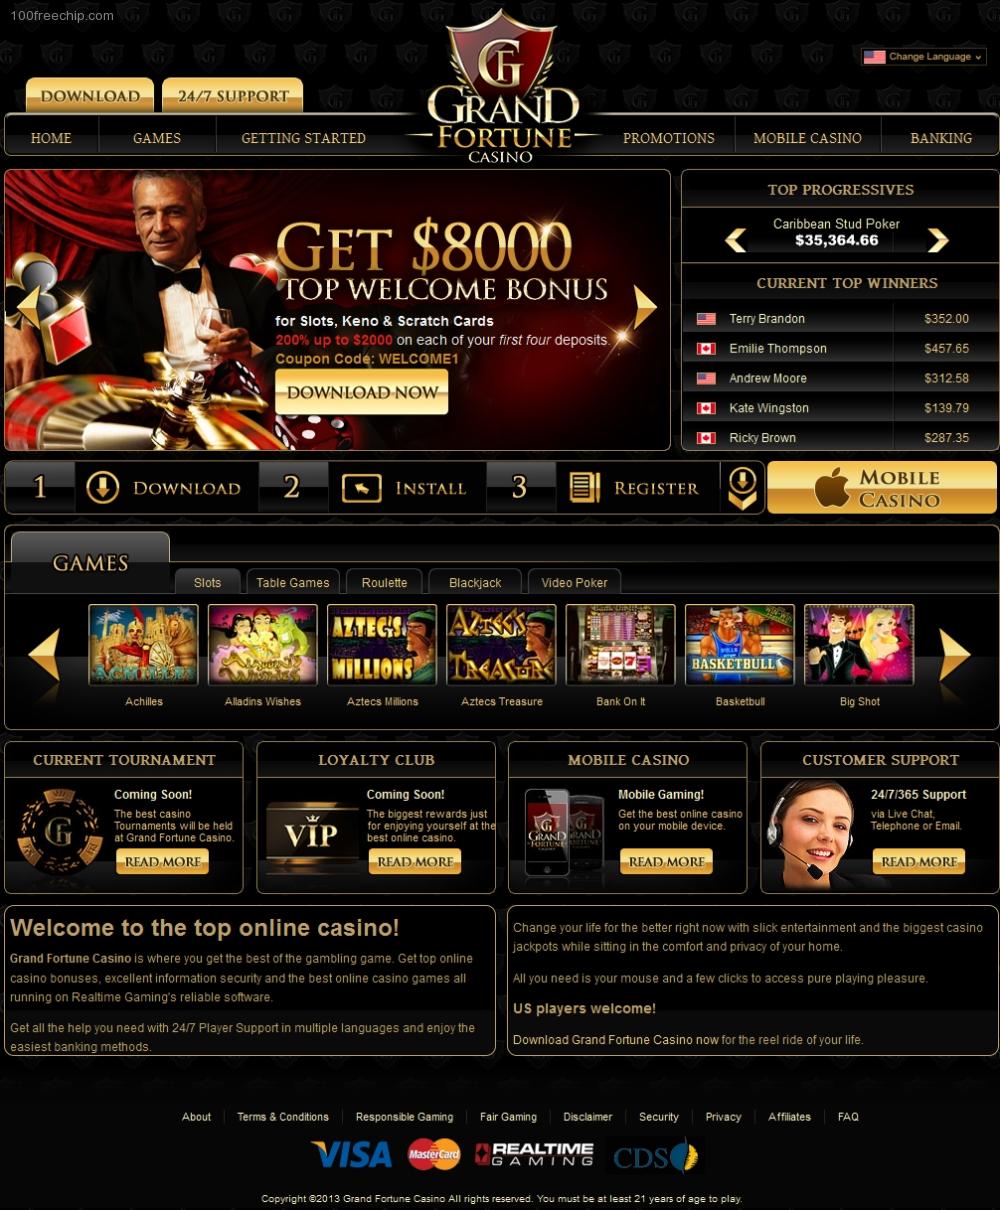 скачать игру фортуна казино